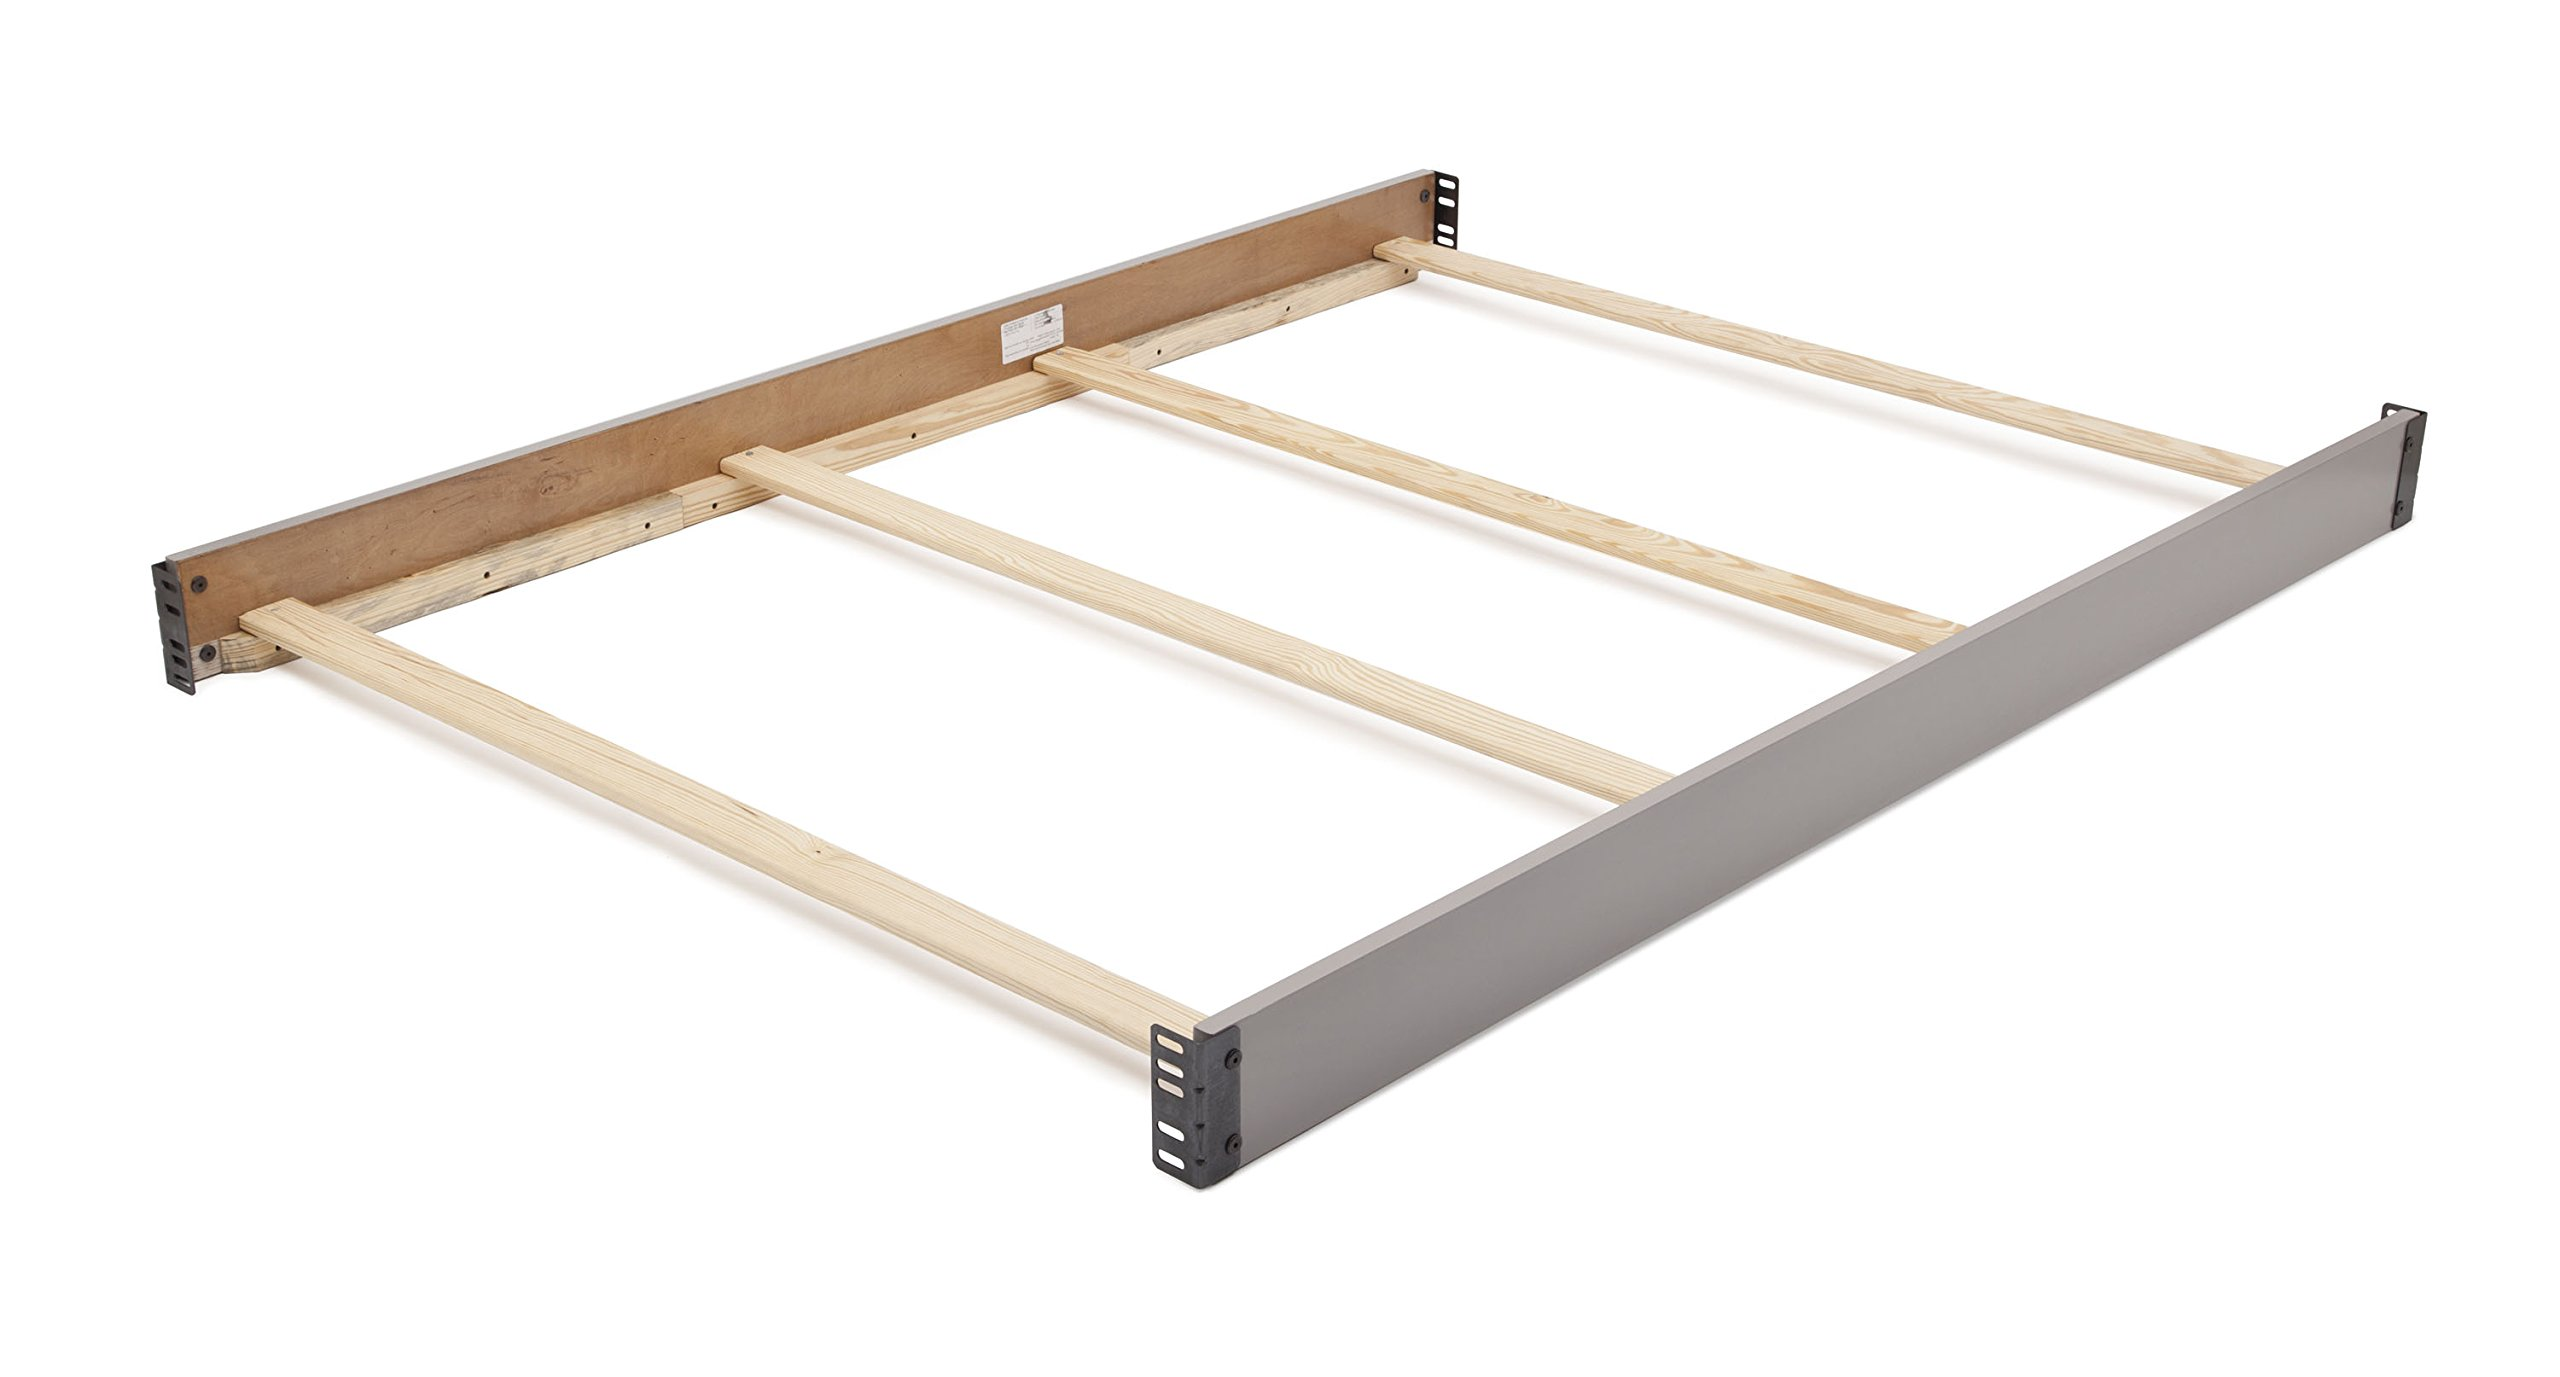 Delta Children Wooden Full-Size Bed Rails, Grey by Delta Children (Image #1)